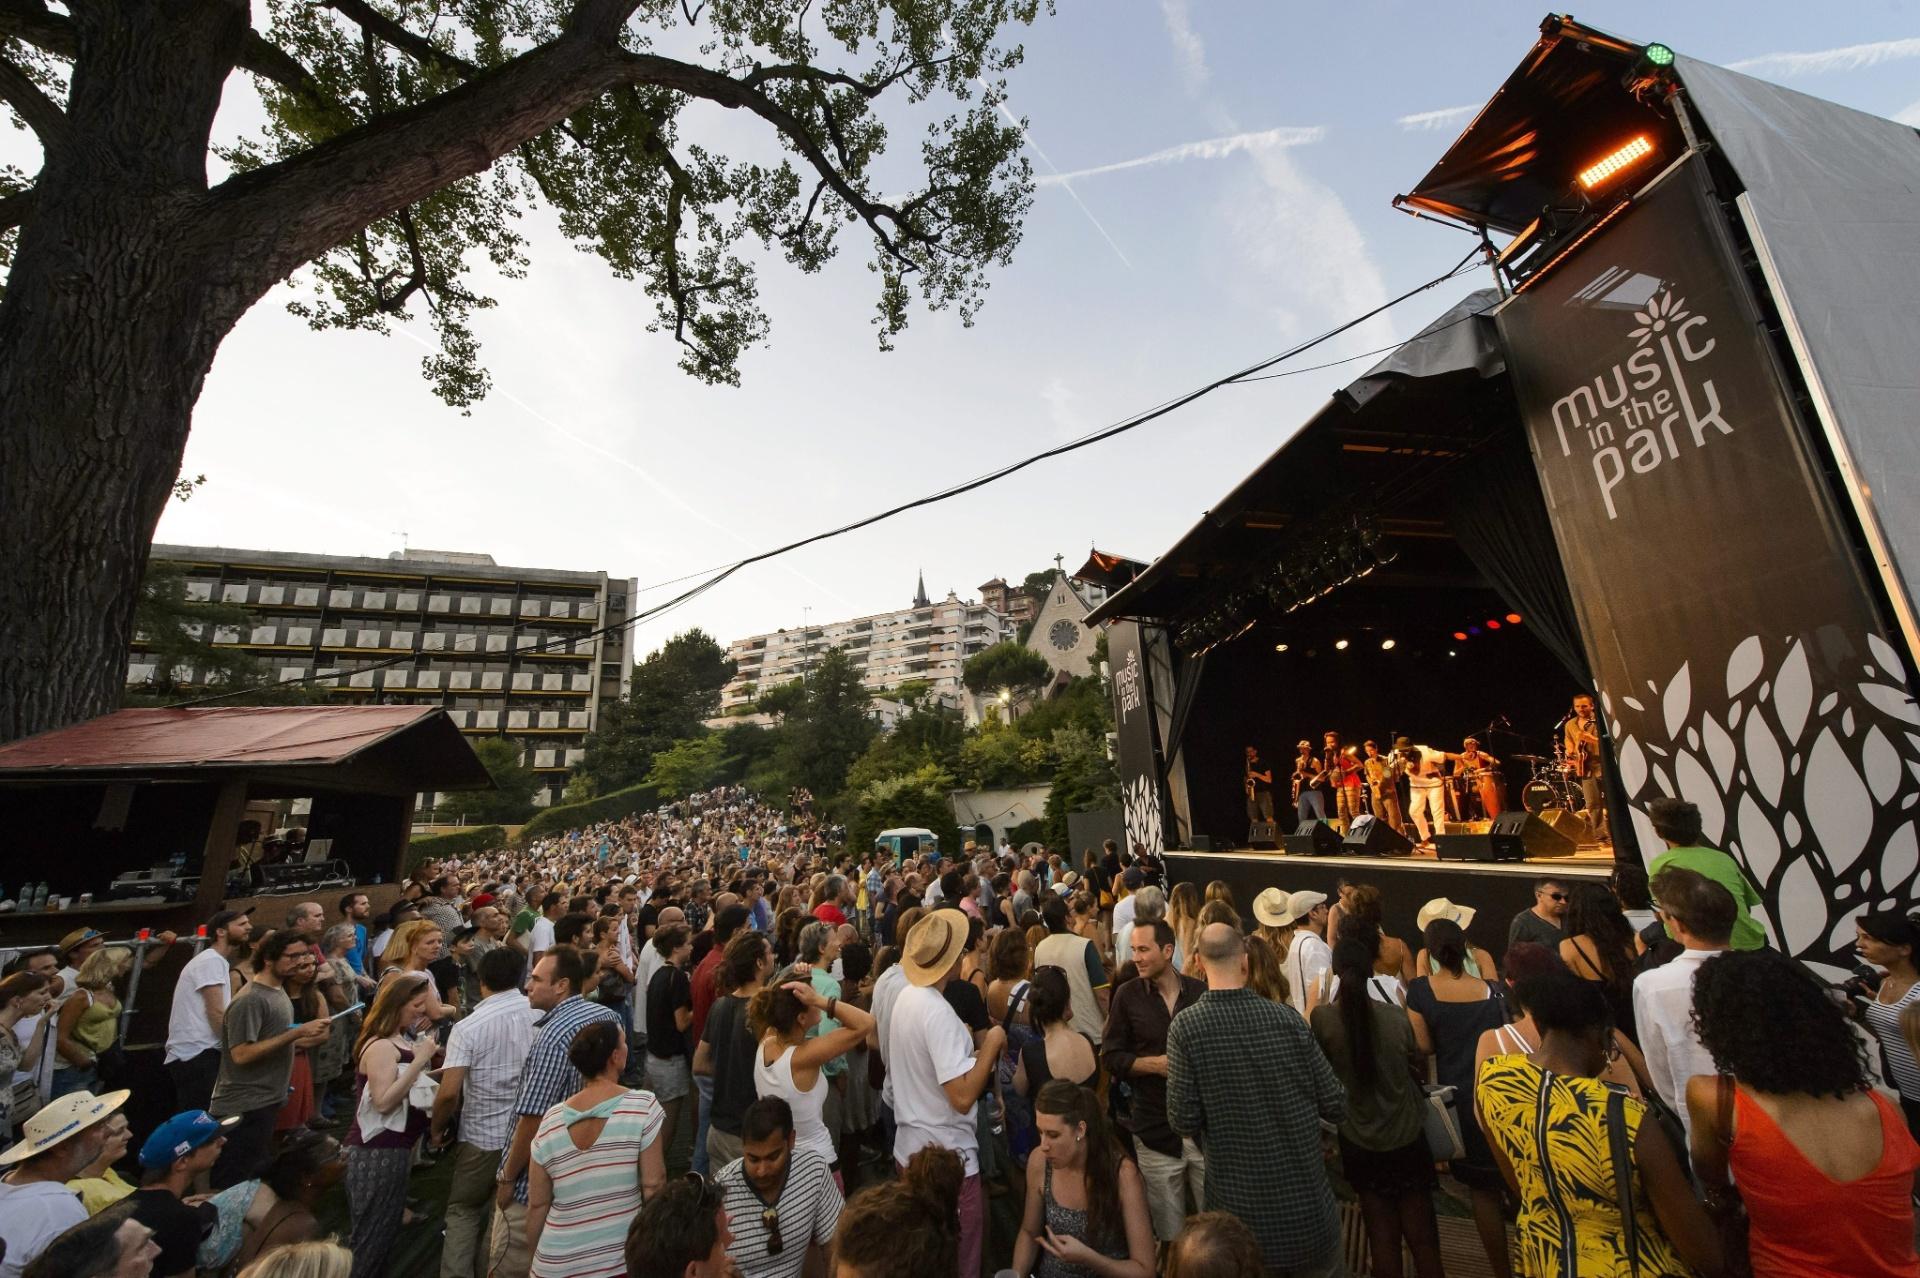 Montreux Jazz Festival 2015 >> Fotos: Montreux Jazz Festival 2015 - 04/07/2015 - UOL